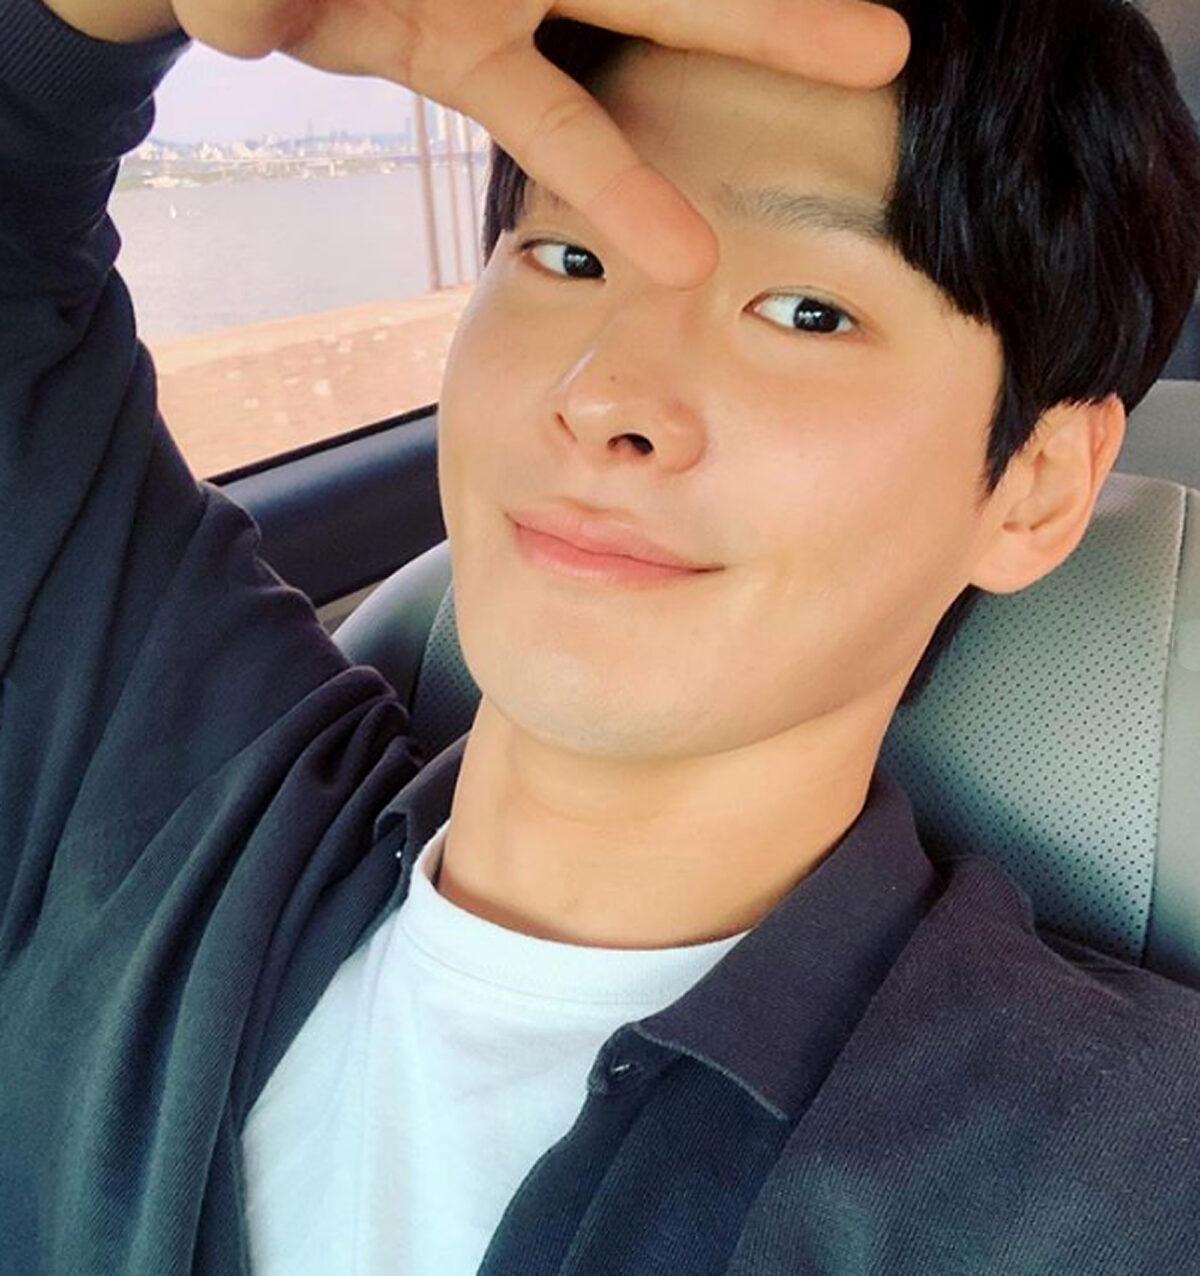 È morto Cha in Ha    star coreana di 27 anni    giallo sulla causa